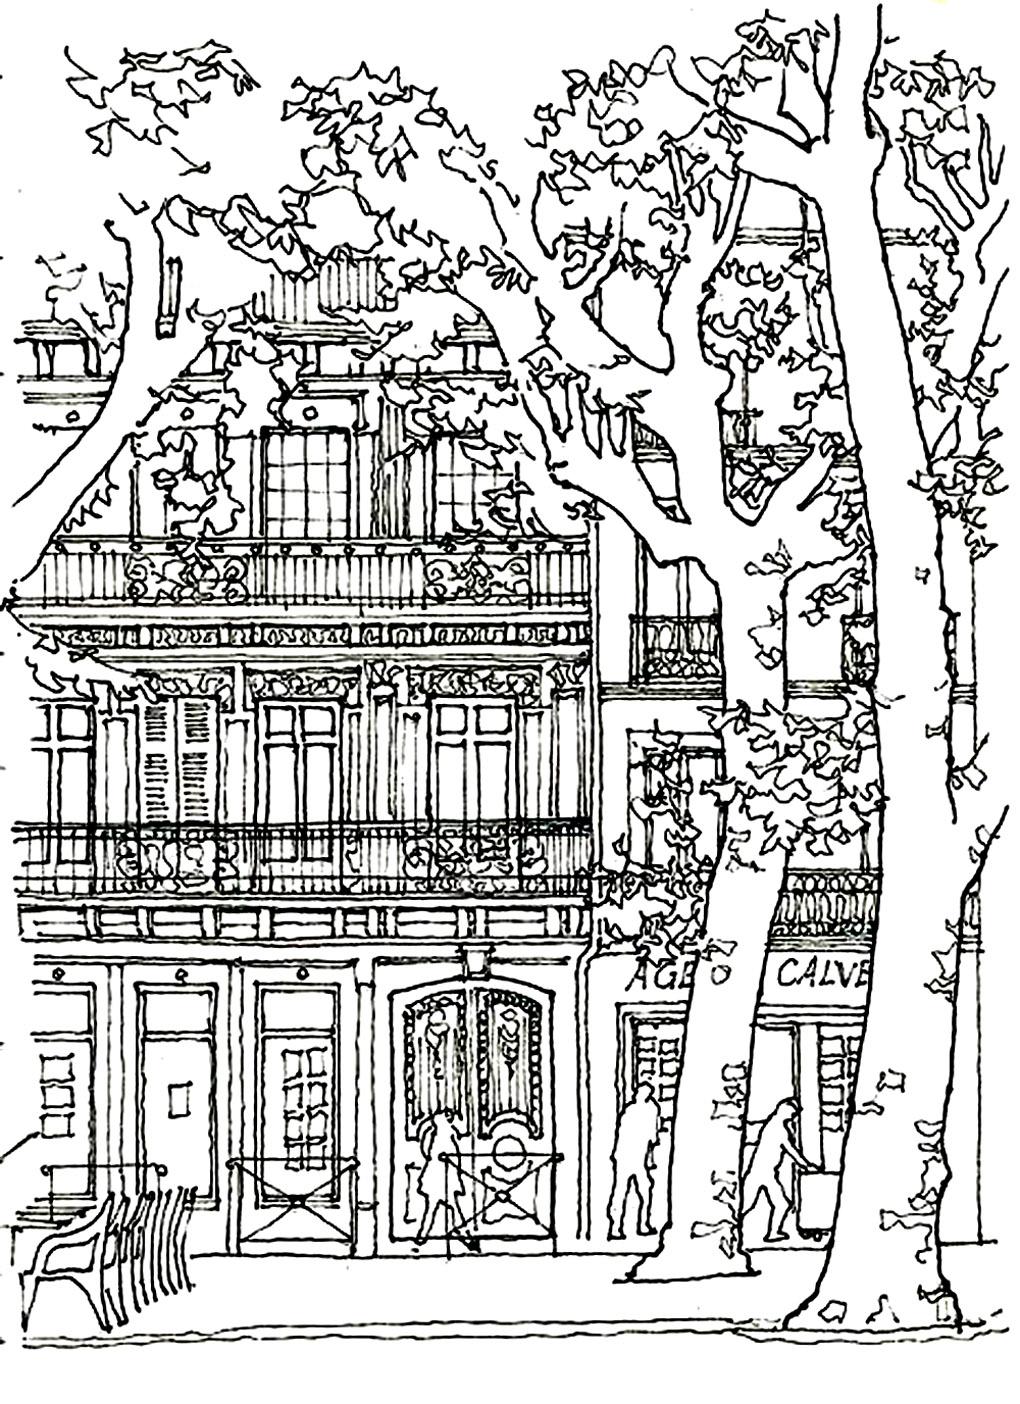 Disegni da colorare per adulti : Architettura & casa - 2